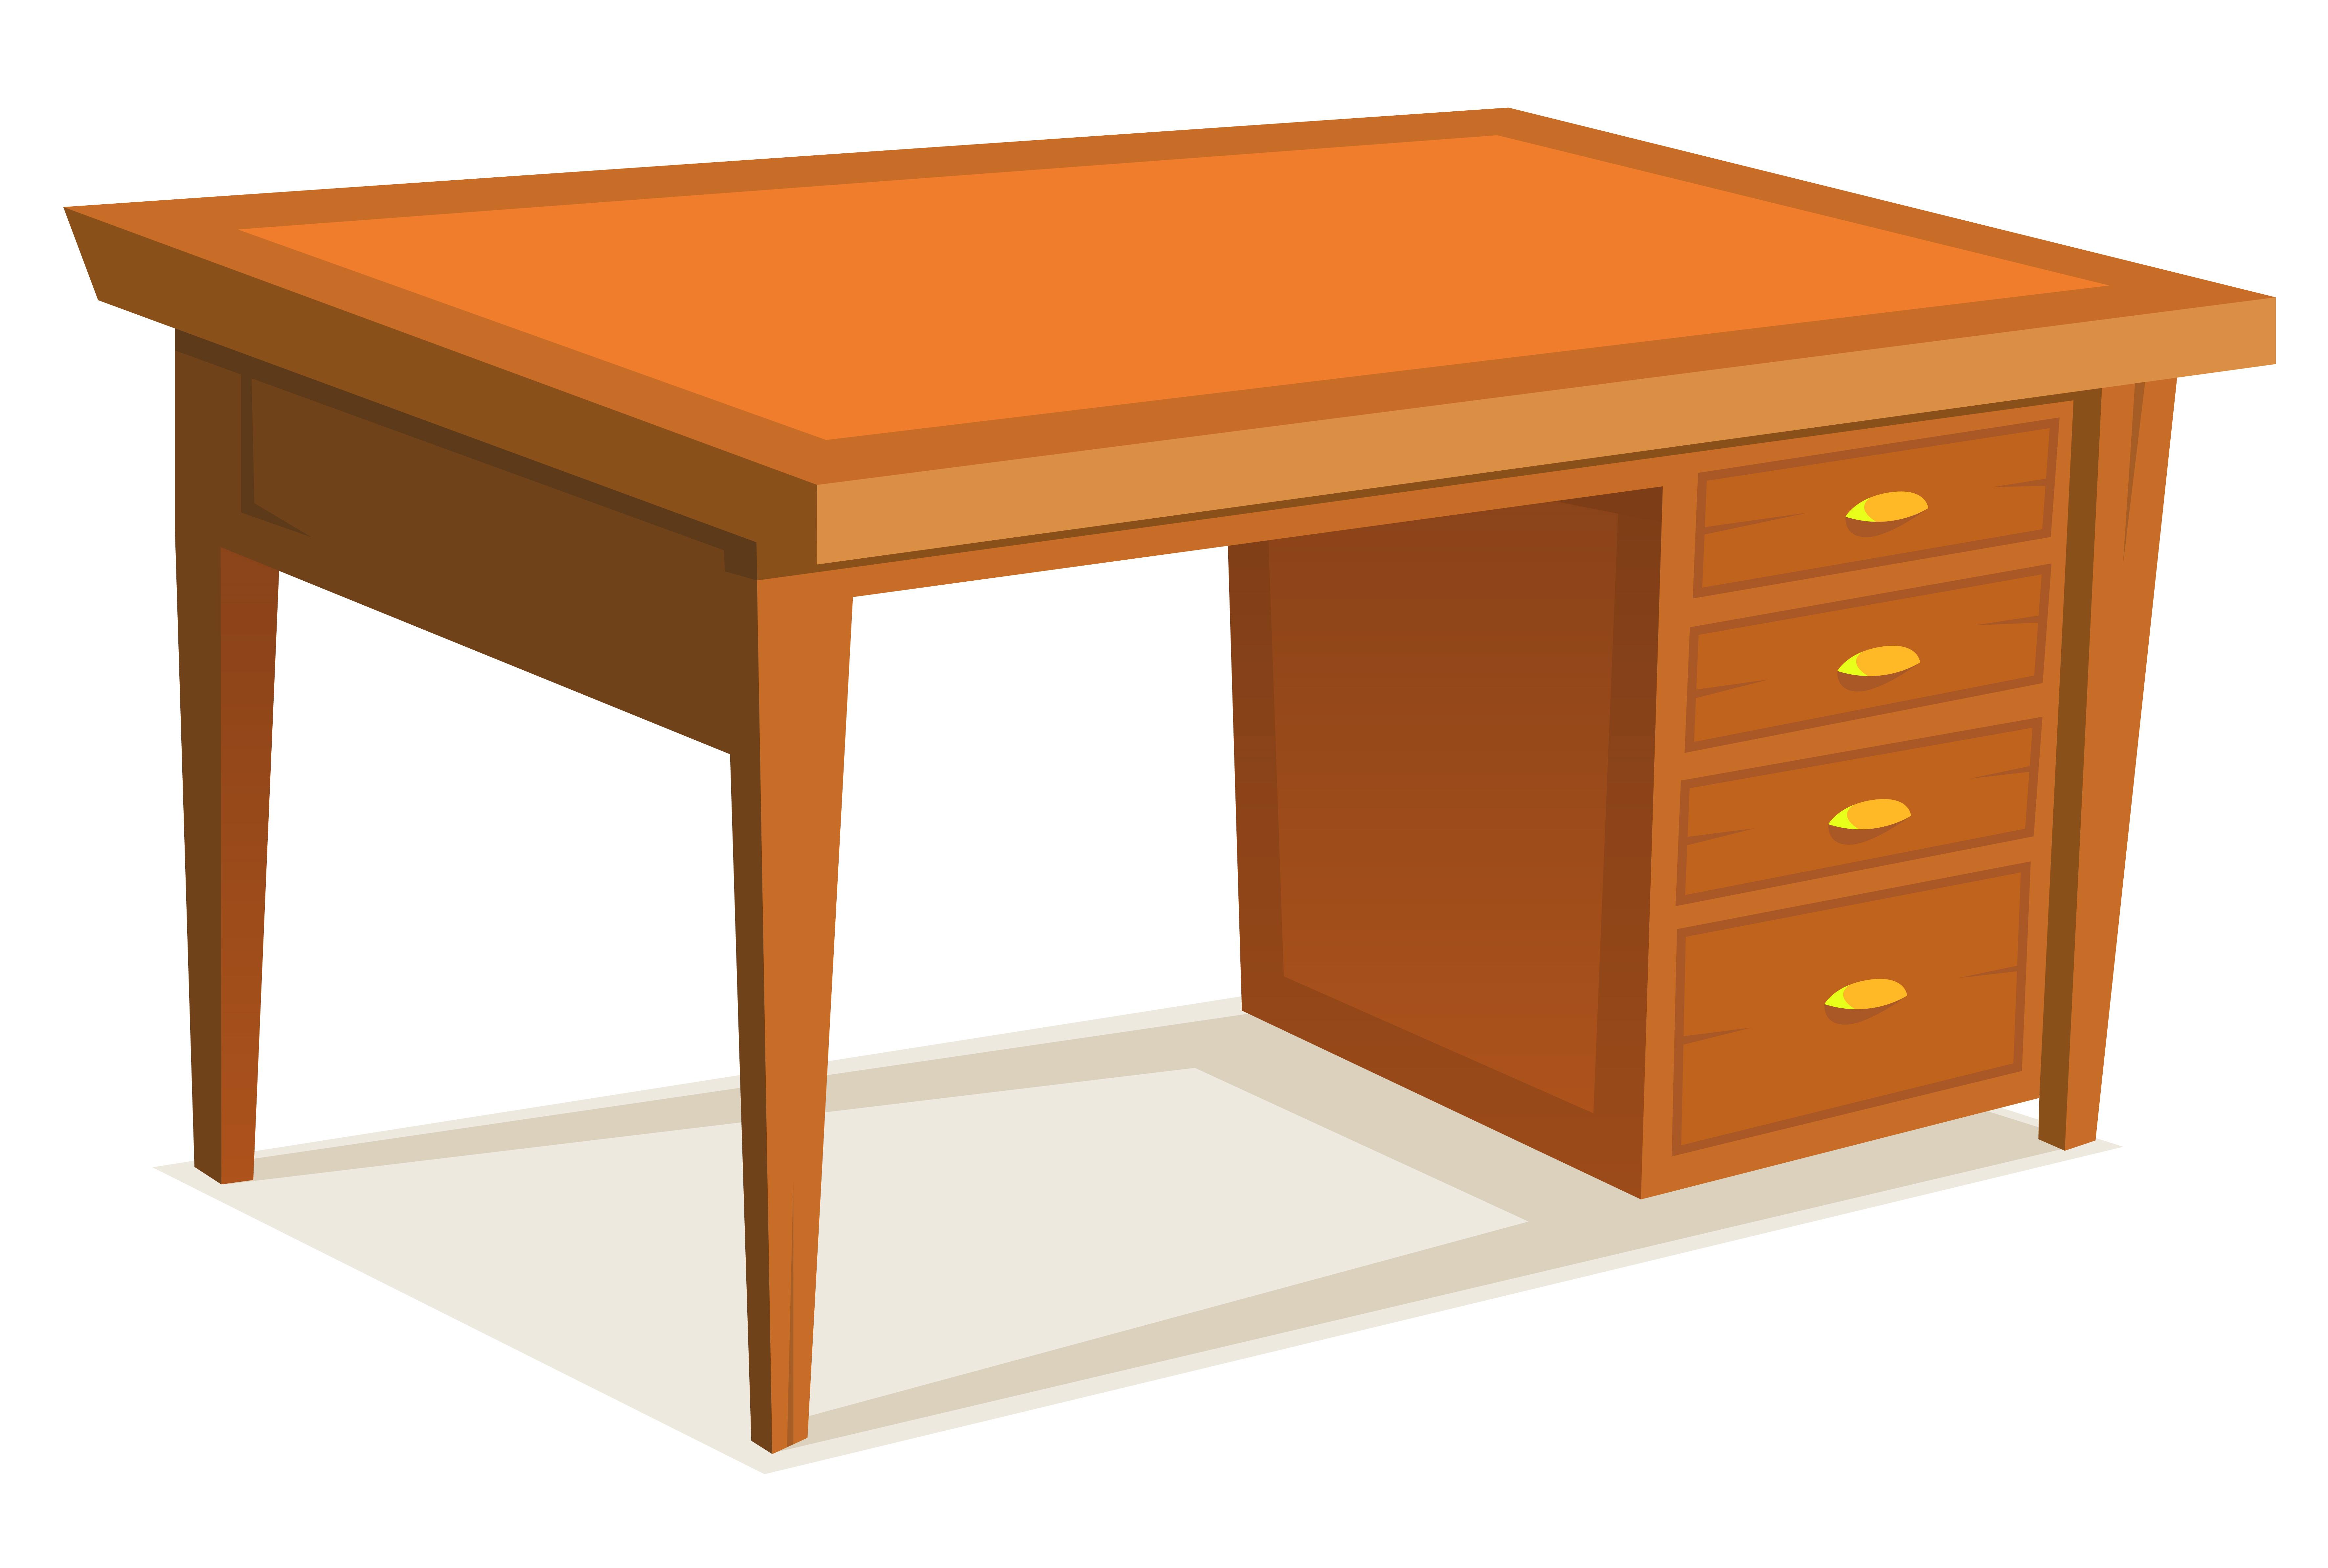 Cartoon Schreibtisch Download Kostenlos Vector Clipart Graphics Vektorgrafiken Und Design Vorlagen